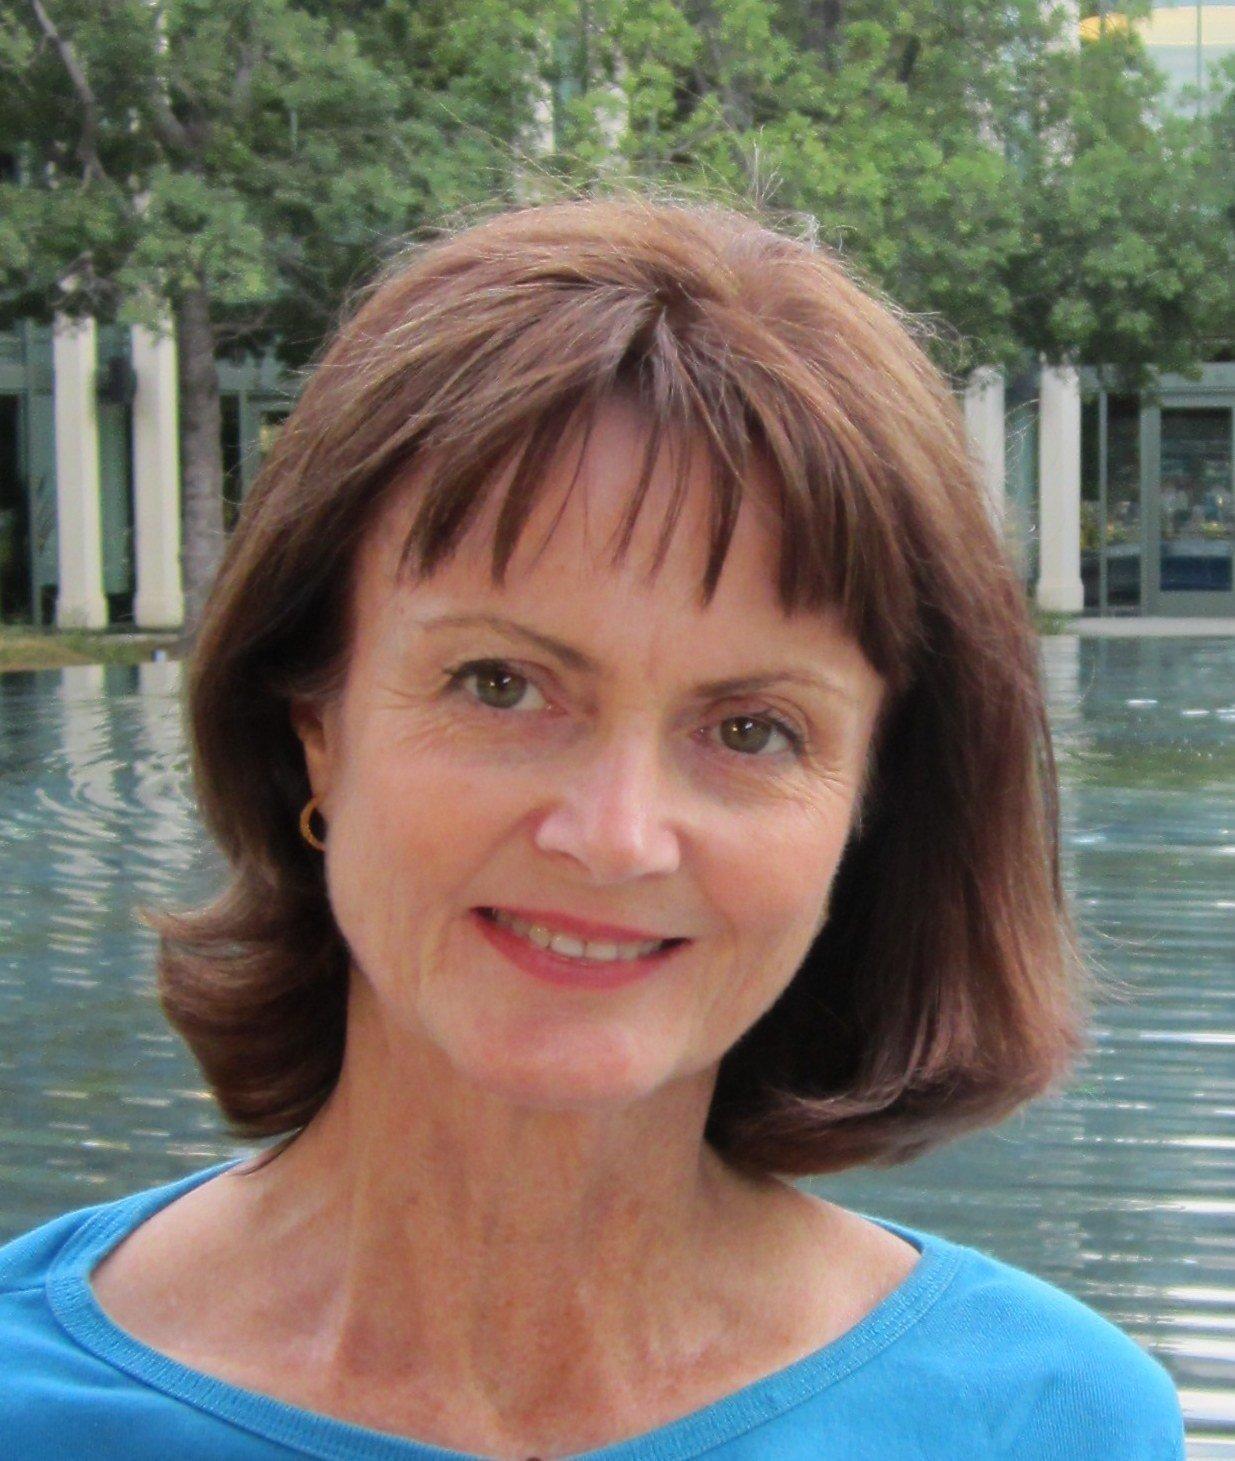 Talita von Furstenberg,Janet Jackson born May 16, 1966 (age 52) Erotic video AC Bonifacio (b. 2002),Jayne Regan